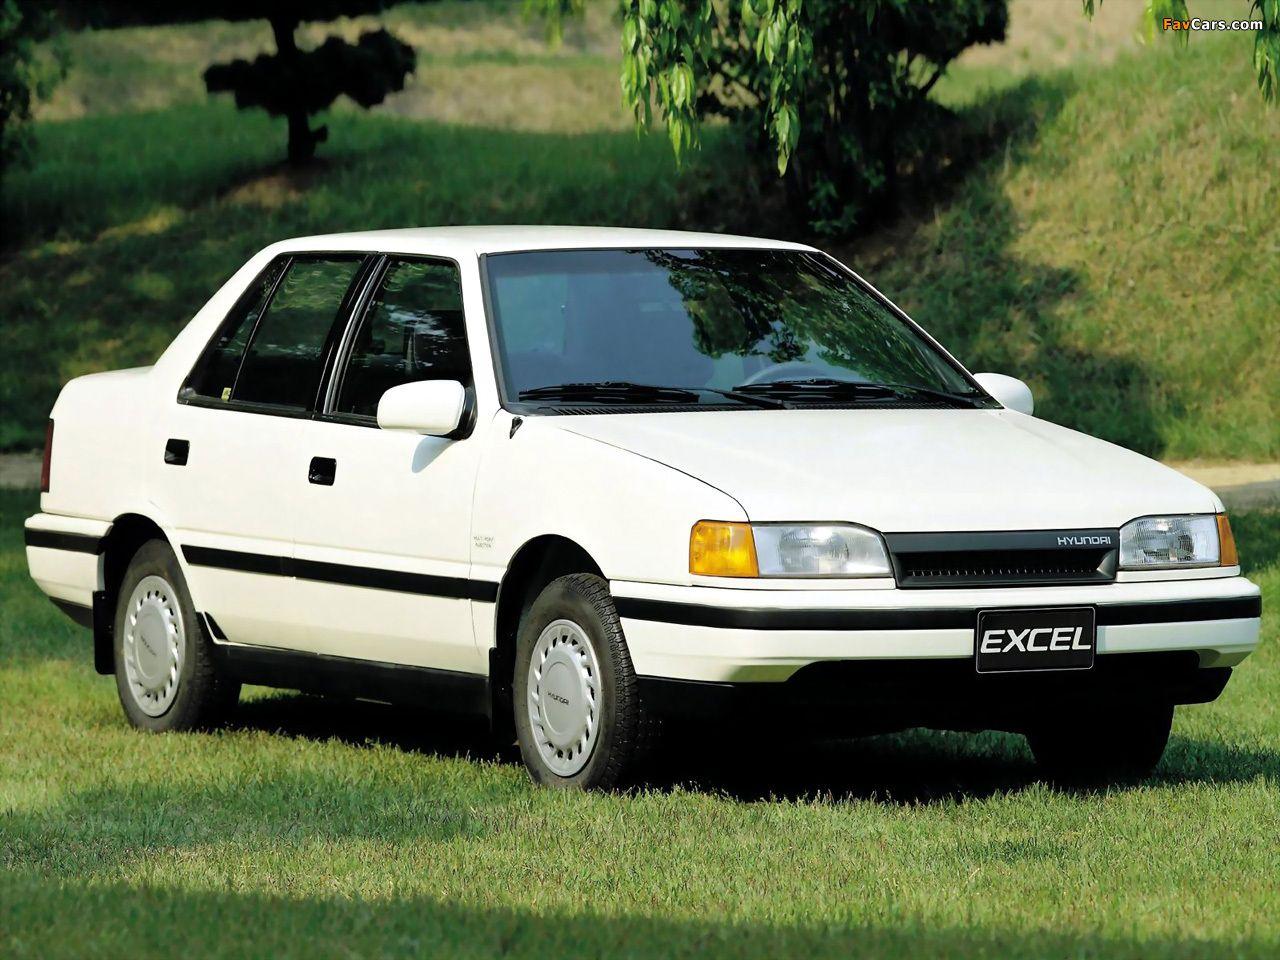 1989 Hyundai Excel Carros